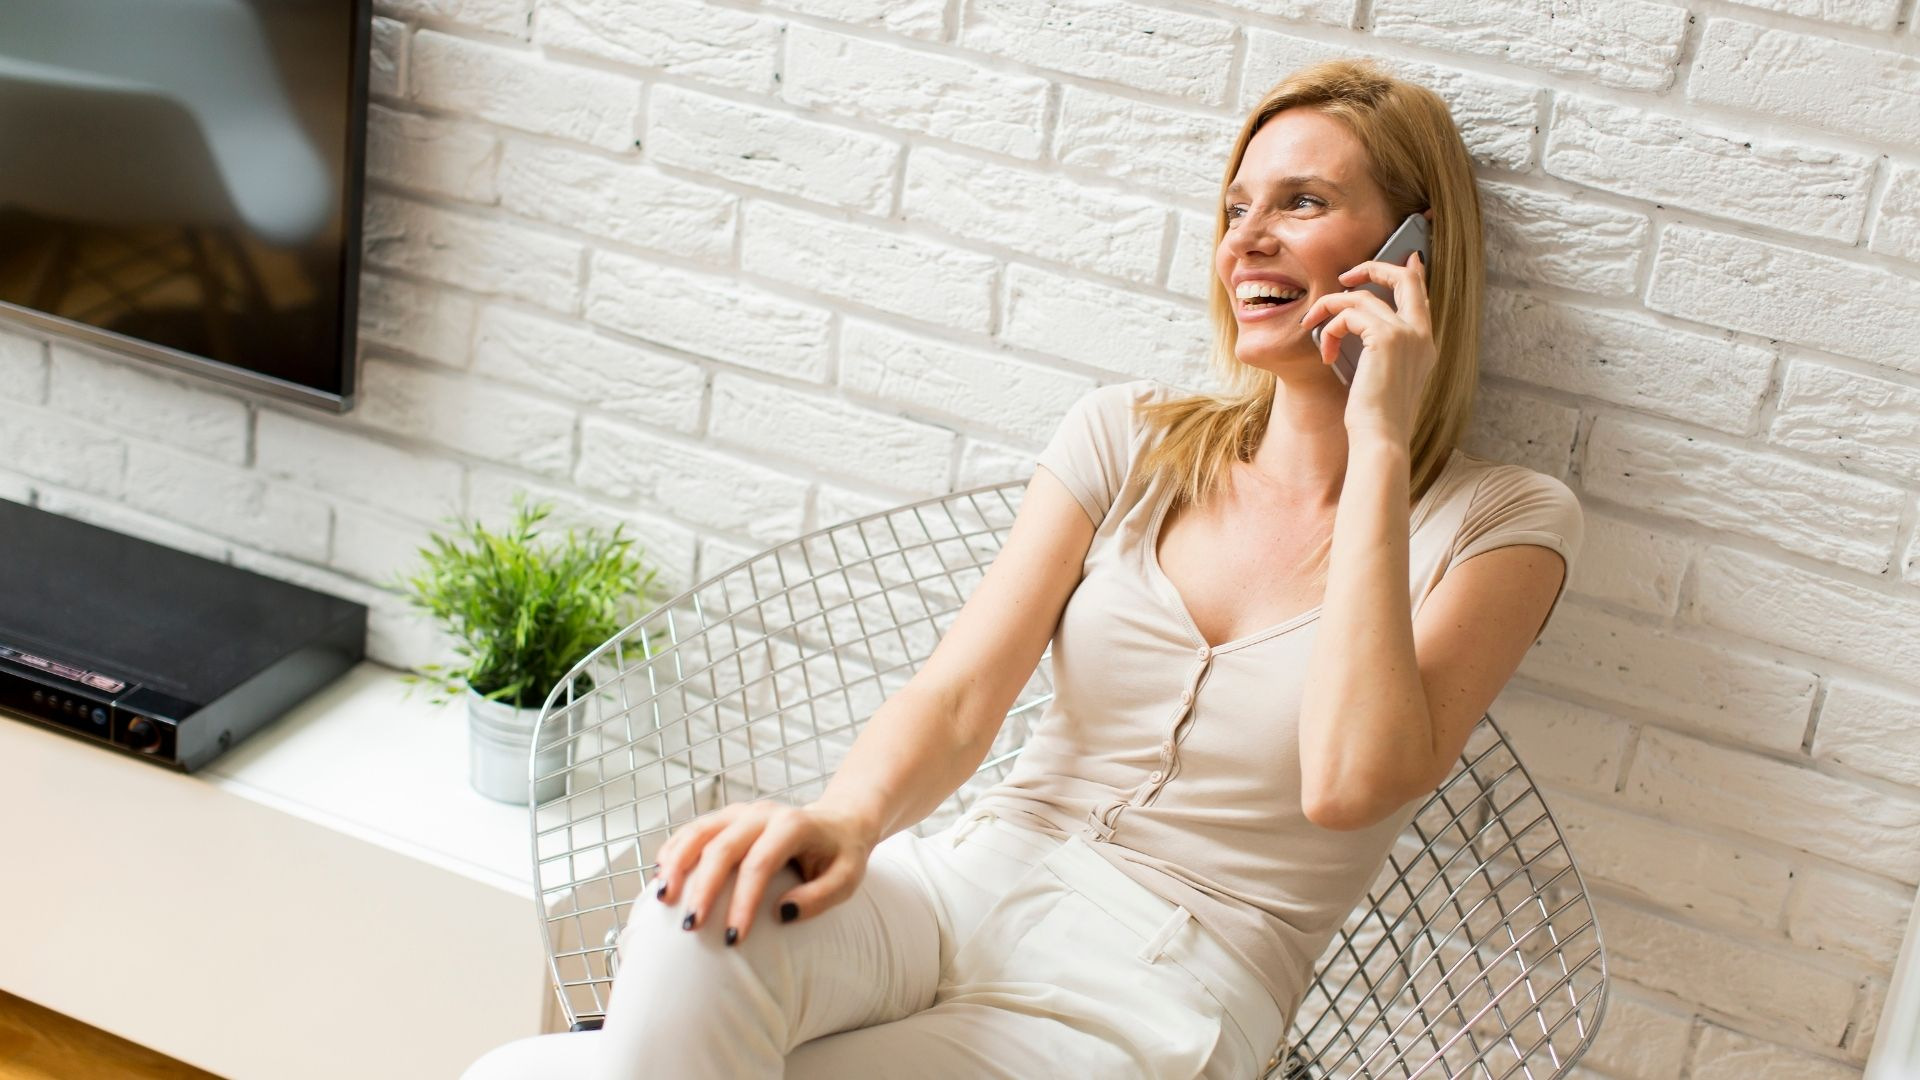 Femme joyeuse discutant au téléphone dans son salon